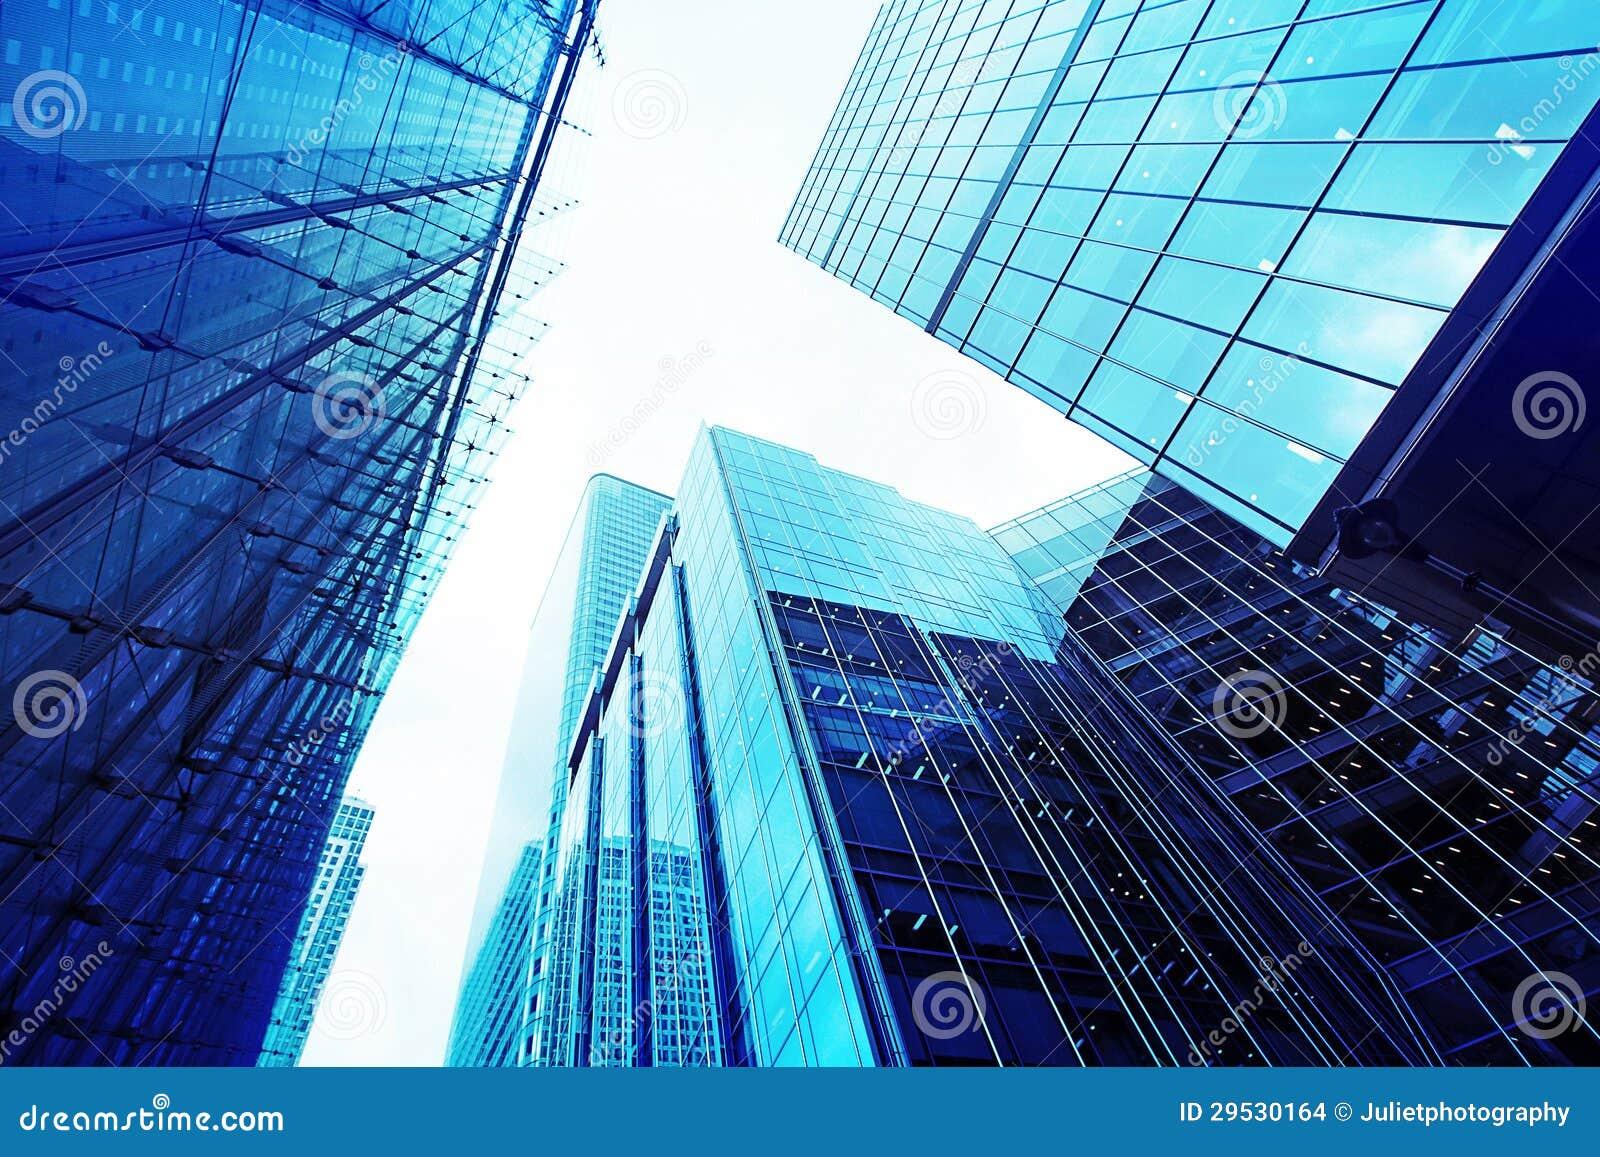 Arranha-céus de vidro modernos